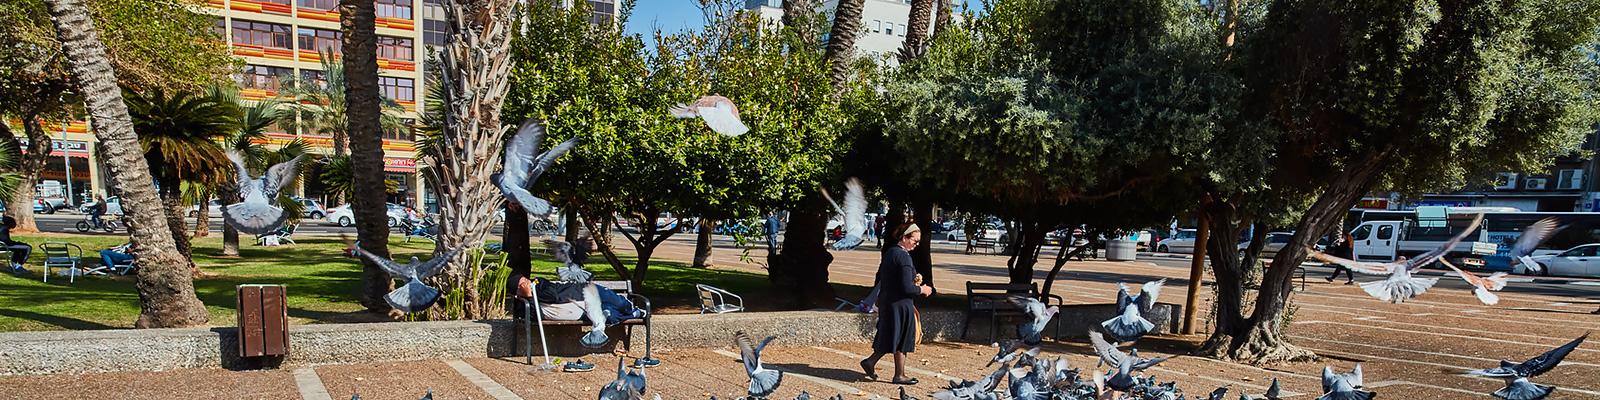 イスラエル 公園 イメージ